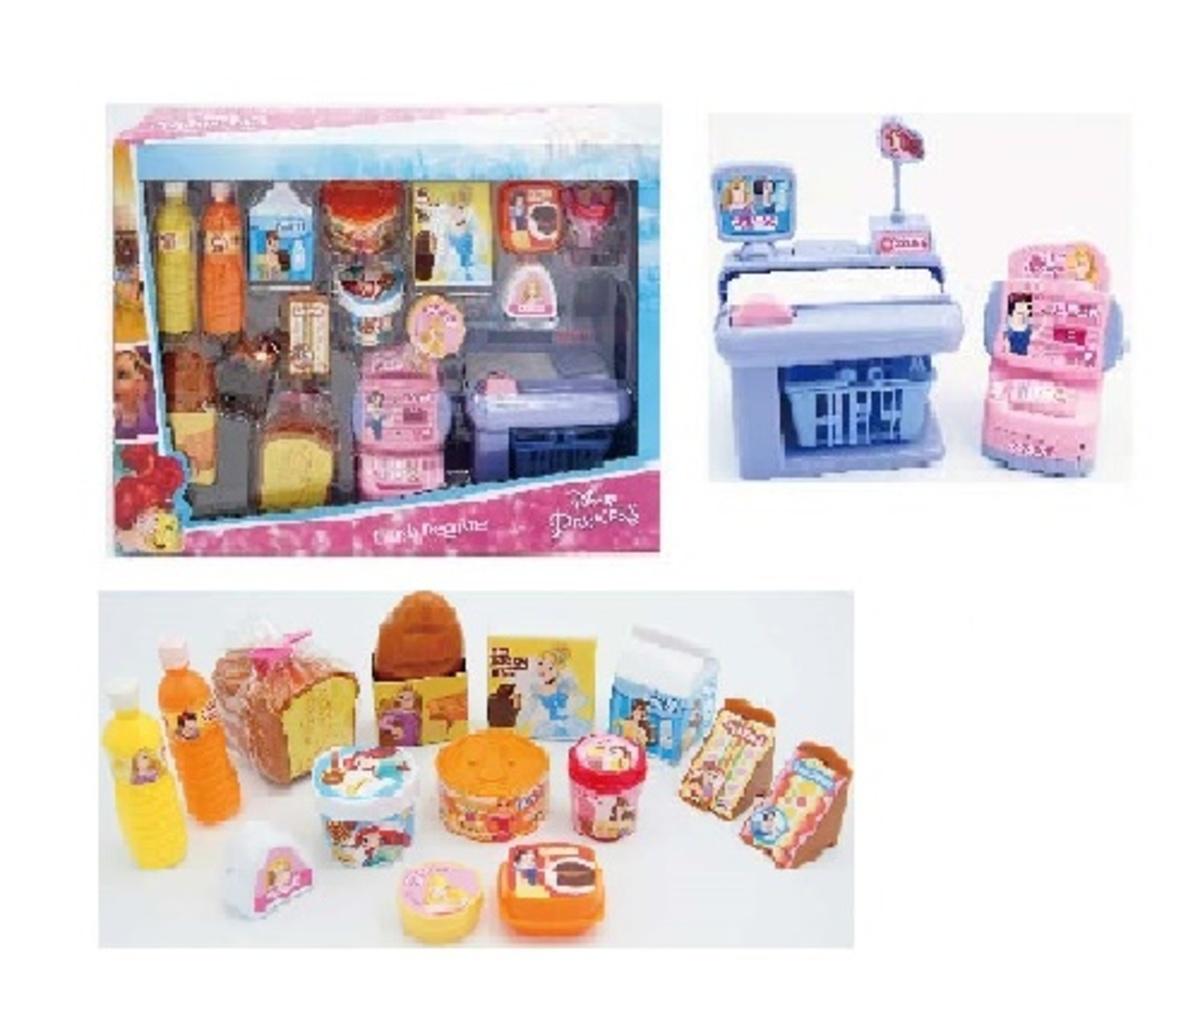 Disney Princess Cash register game